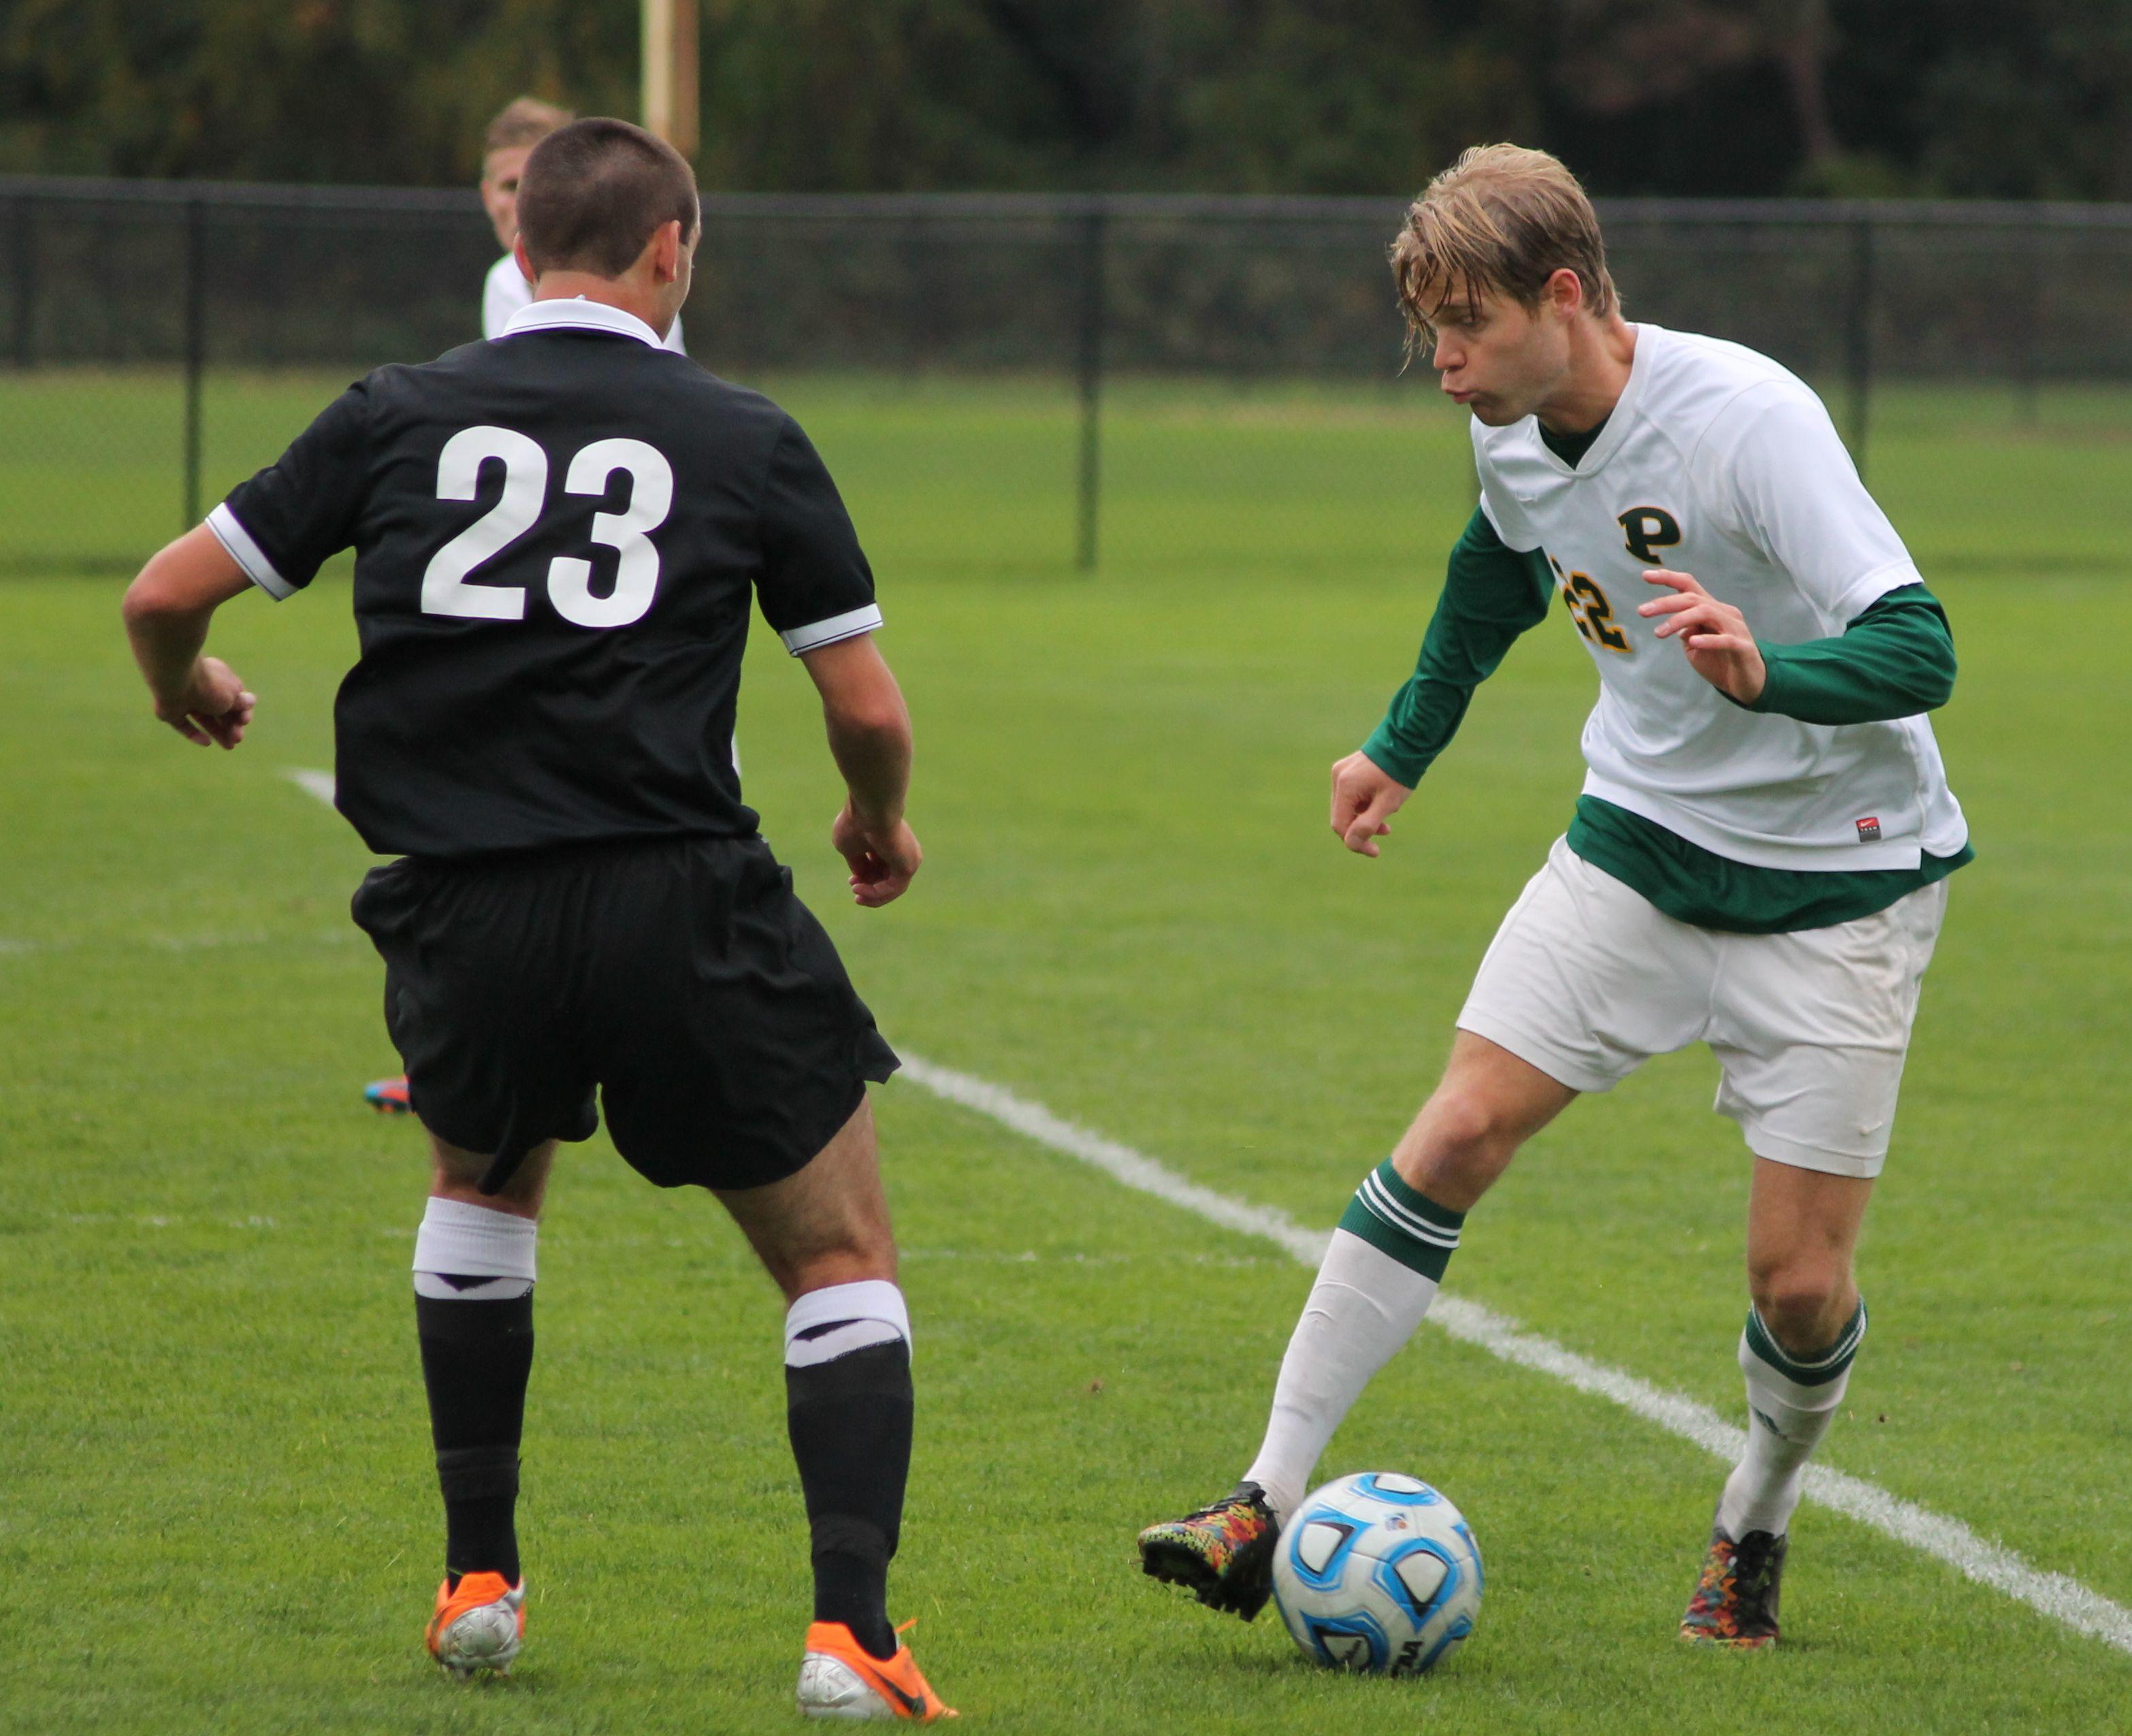 #22 junior defender Johan Rundqvist